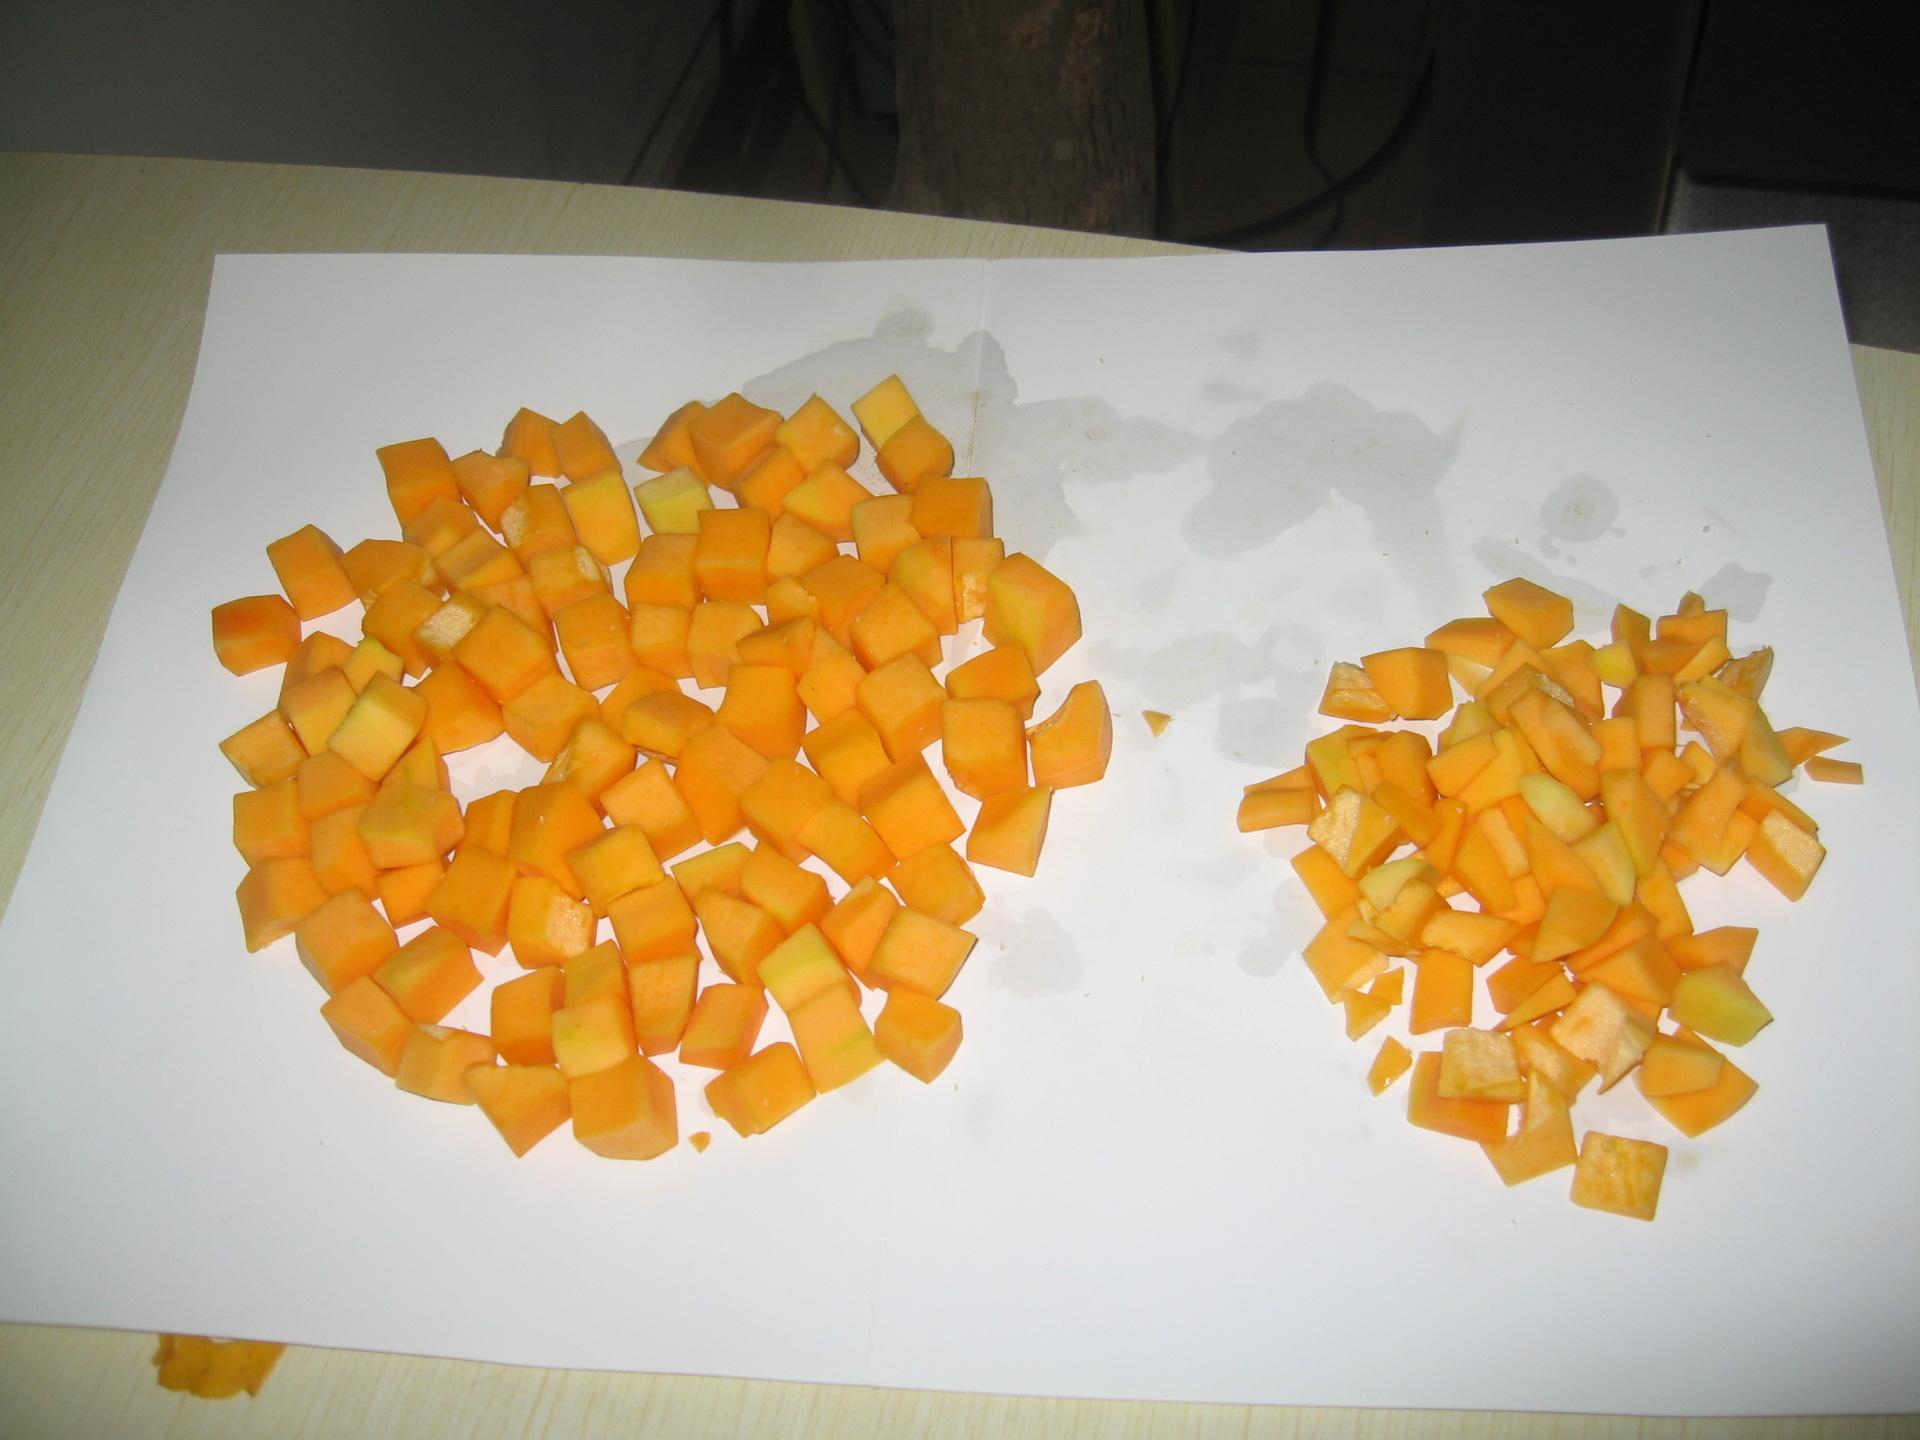 果蔬加工设备芒果_切粒机,切价格丁,切瑜伽皮柚子球瑜伽垫图片